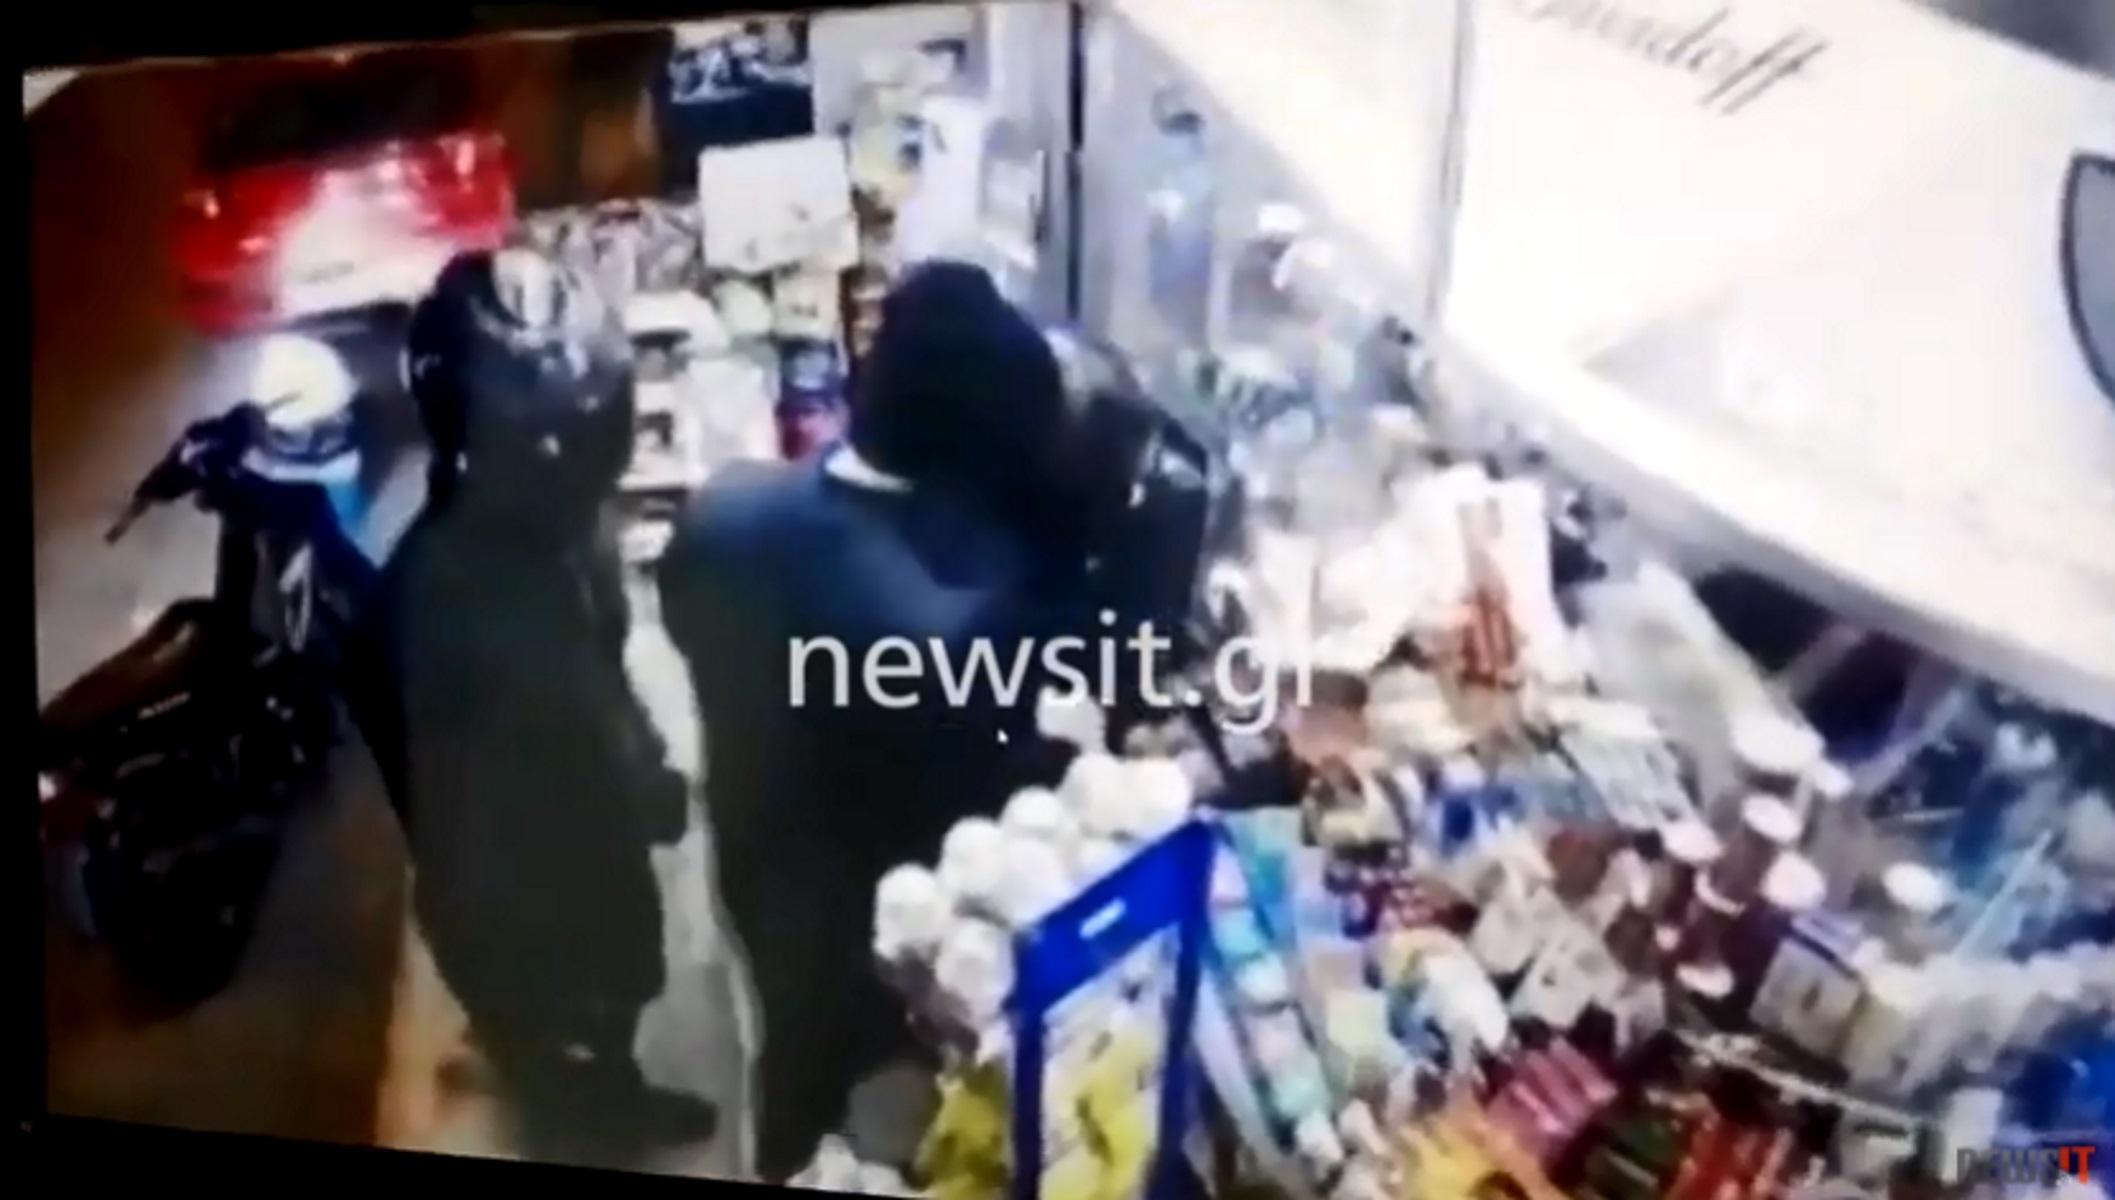 Βίντεο ντοκουμέντο: Ένοπλη ληστεία σε περίπτερο στην Καλλιθέα